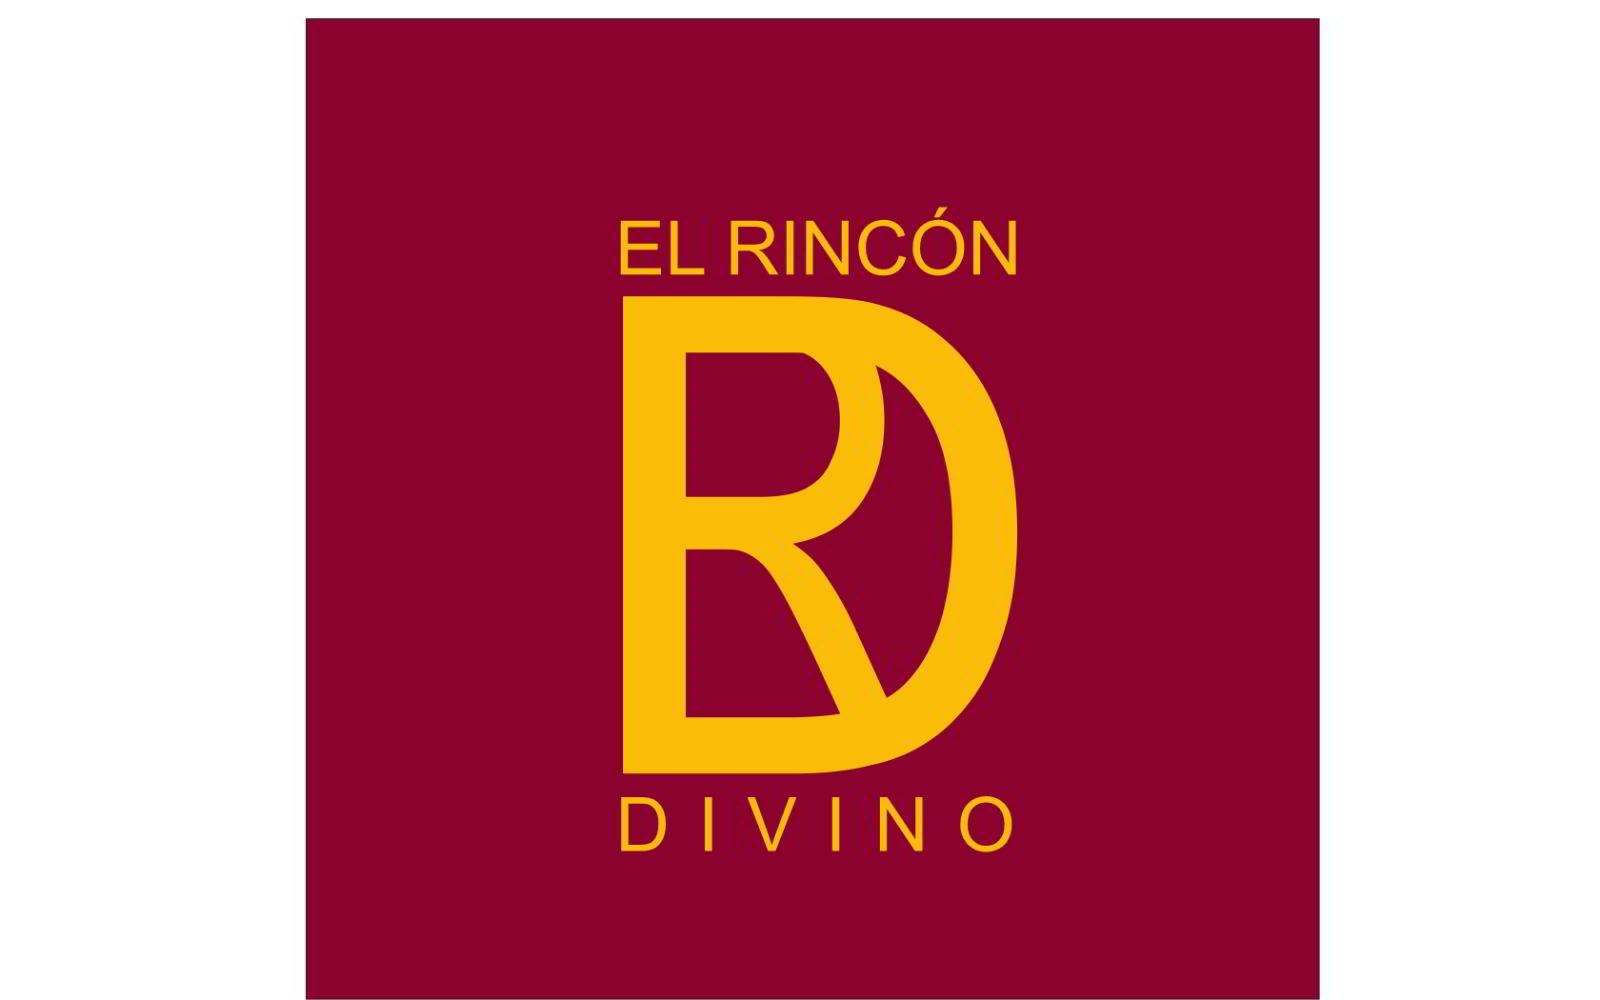 EL RINCON DIVINO